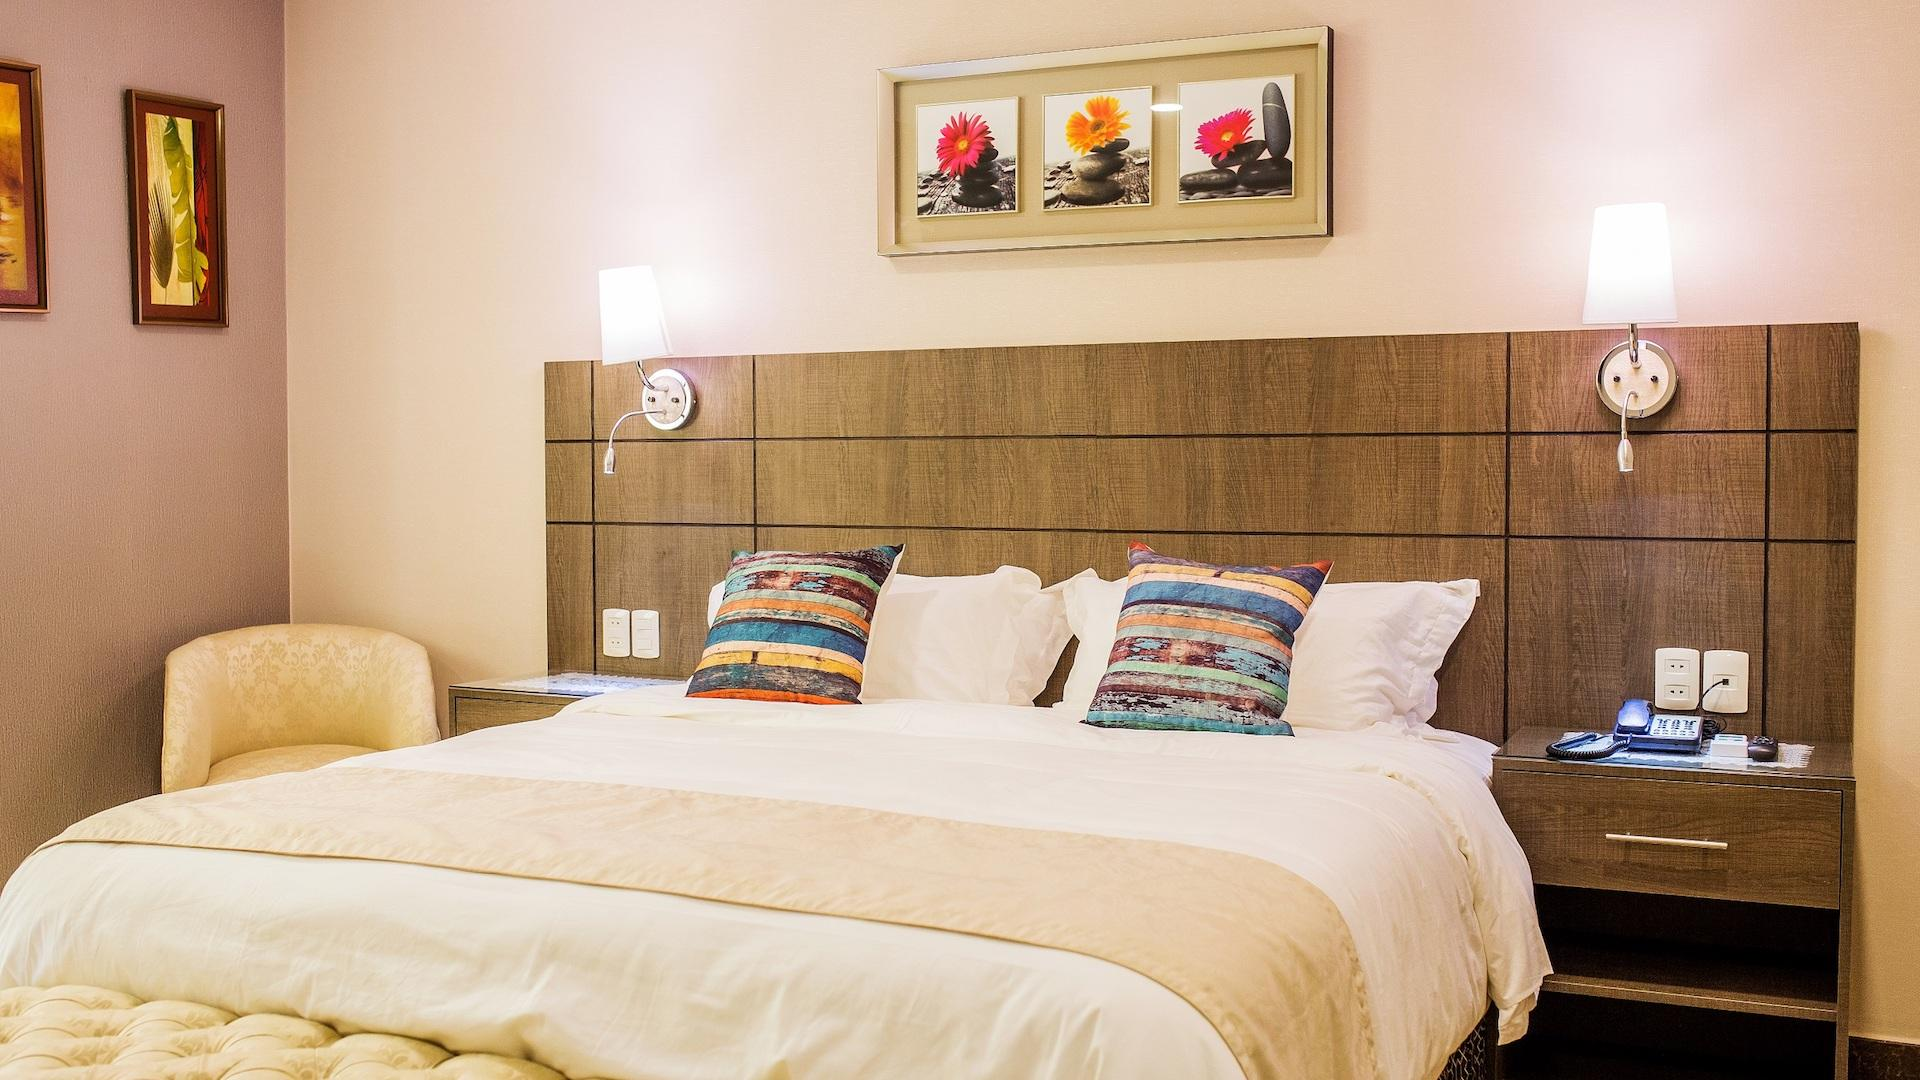 La cadena Howard Johnson llega a Paraguay e inaugura un hotel en Ciudad del Este